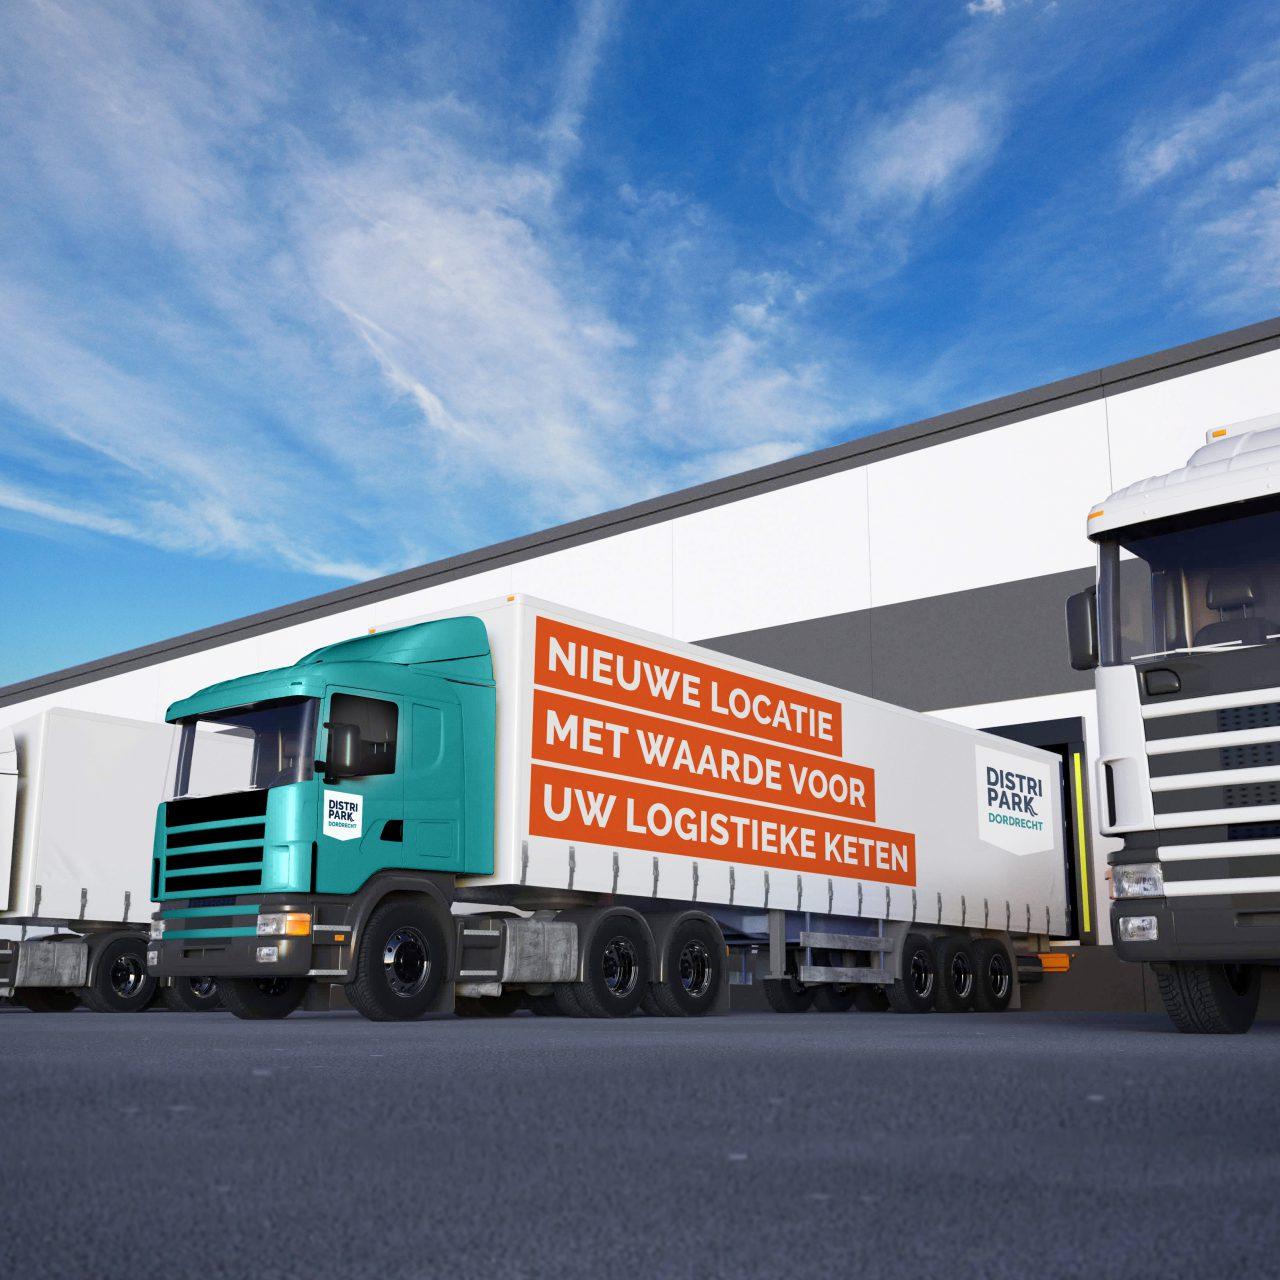 Economie - DistriPark Dordrecht - Transport - Vrachtwagen